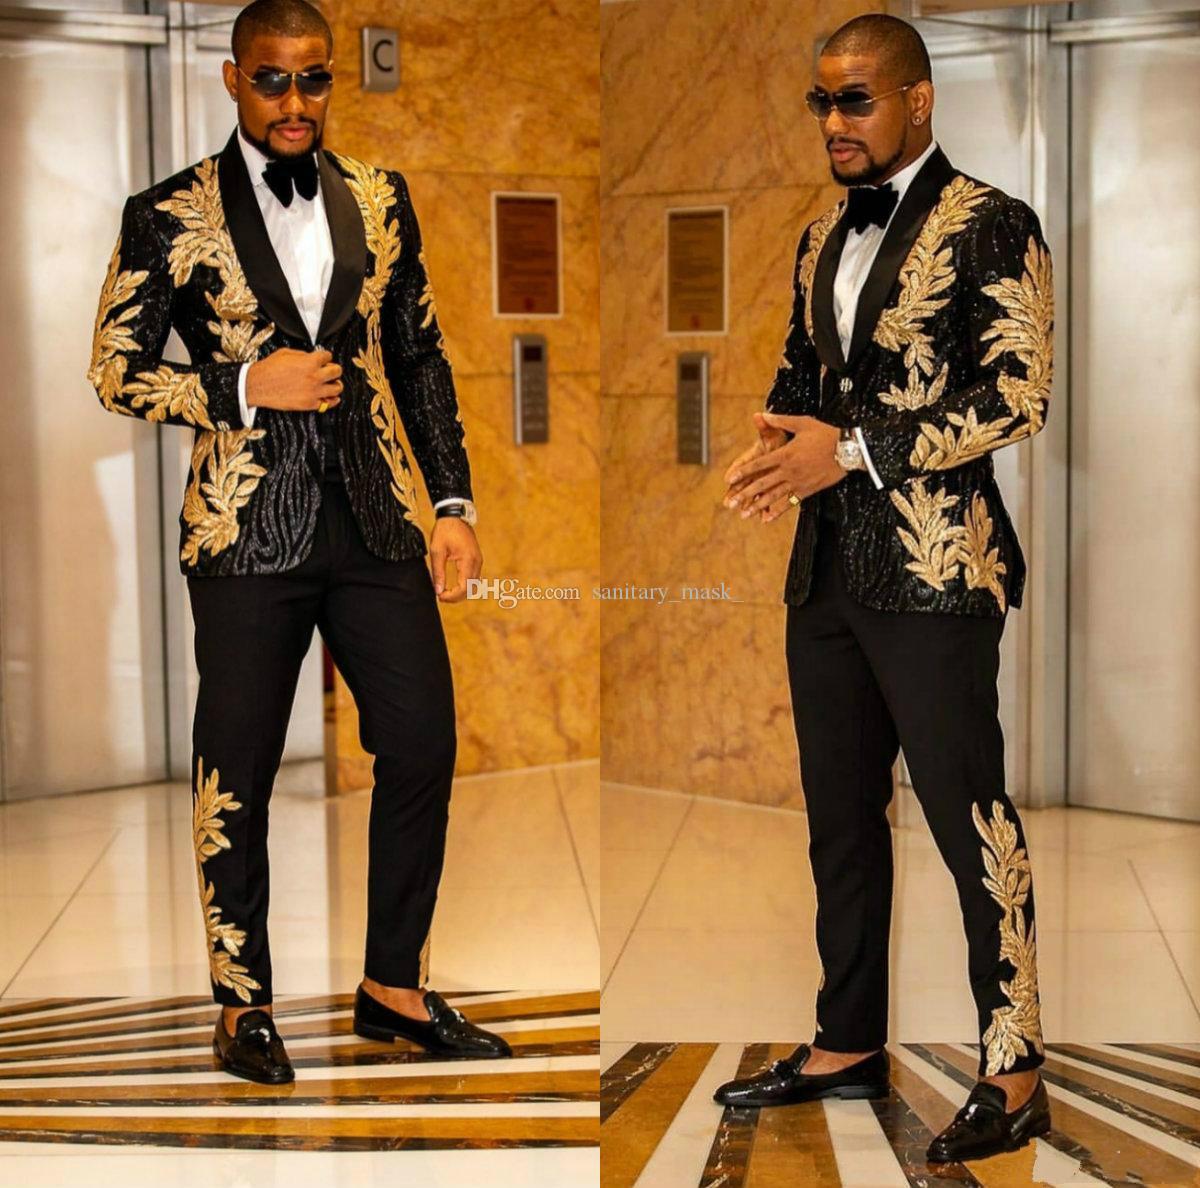 Neueste Schwarz mit goldener Stickerei Männer Anzüge mit zwei Teilen Schal Revers Blazer Slim Fit Hochzeit Smoking Mode Herrenjacke und Hosen